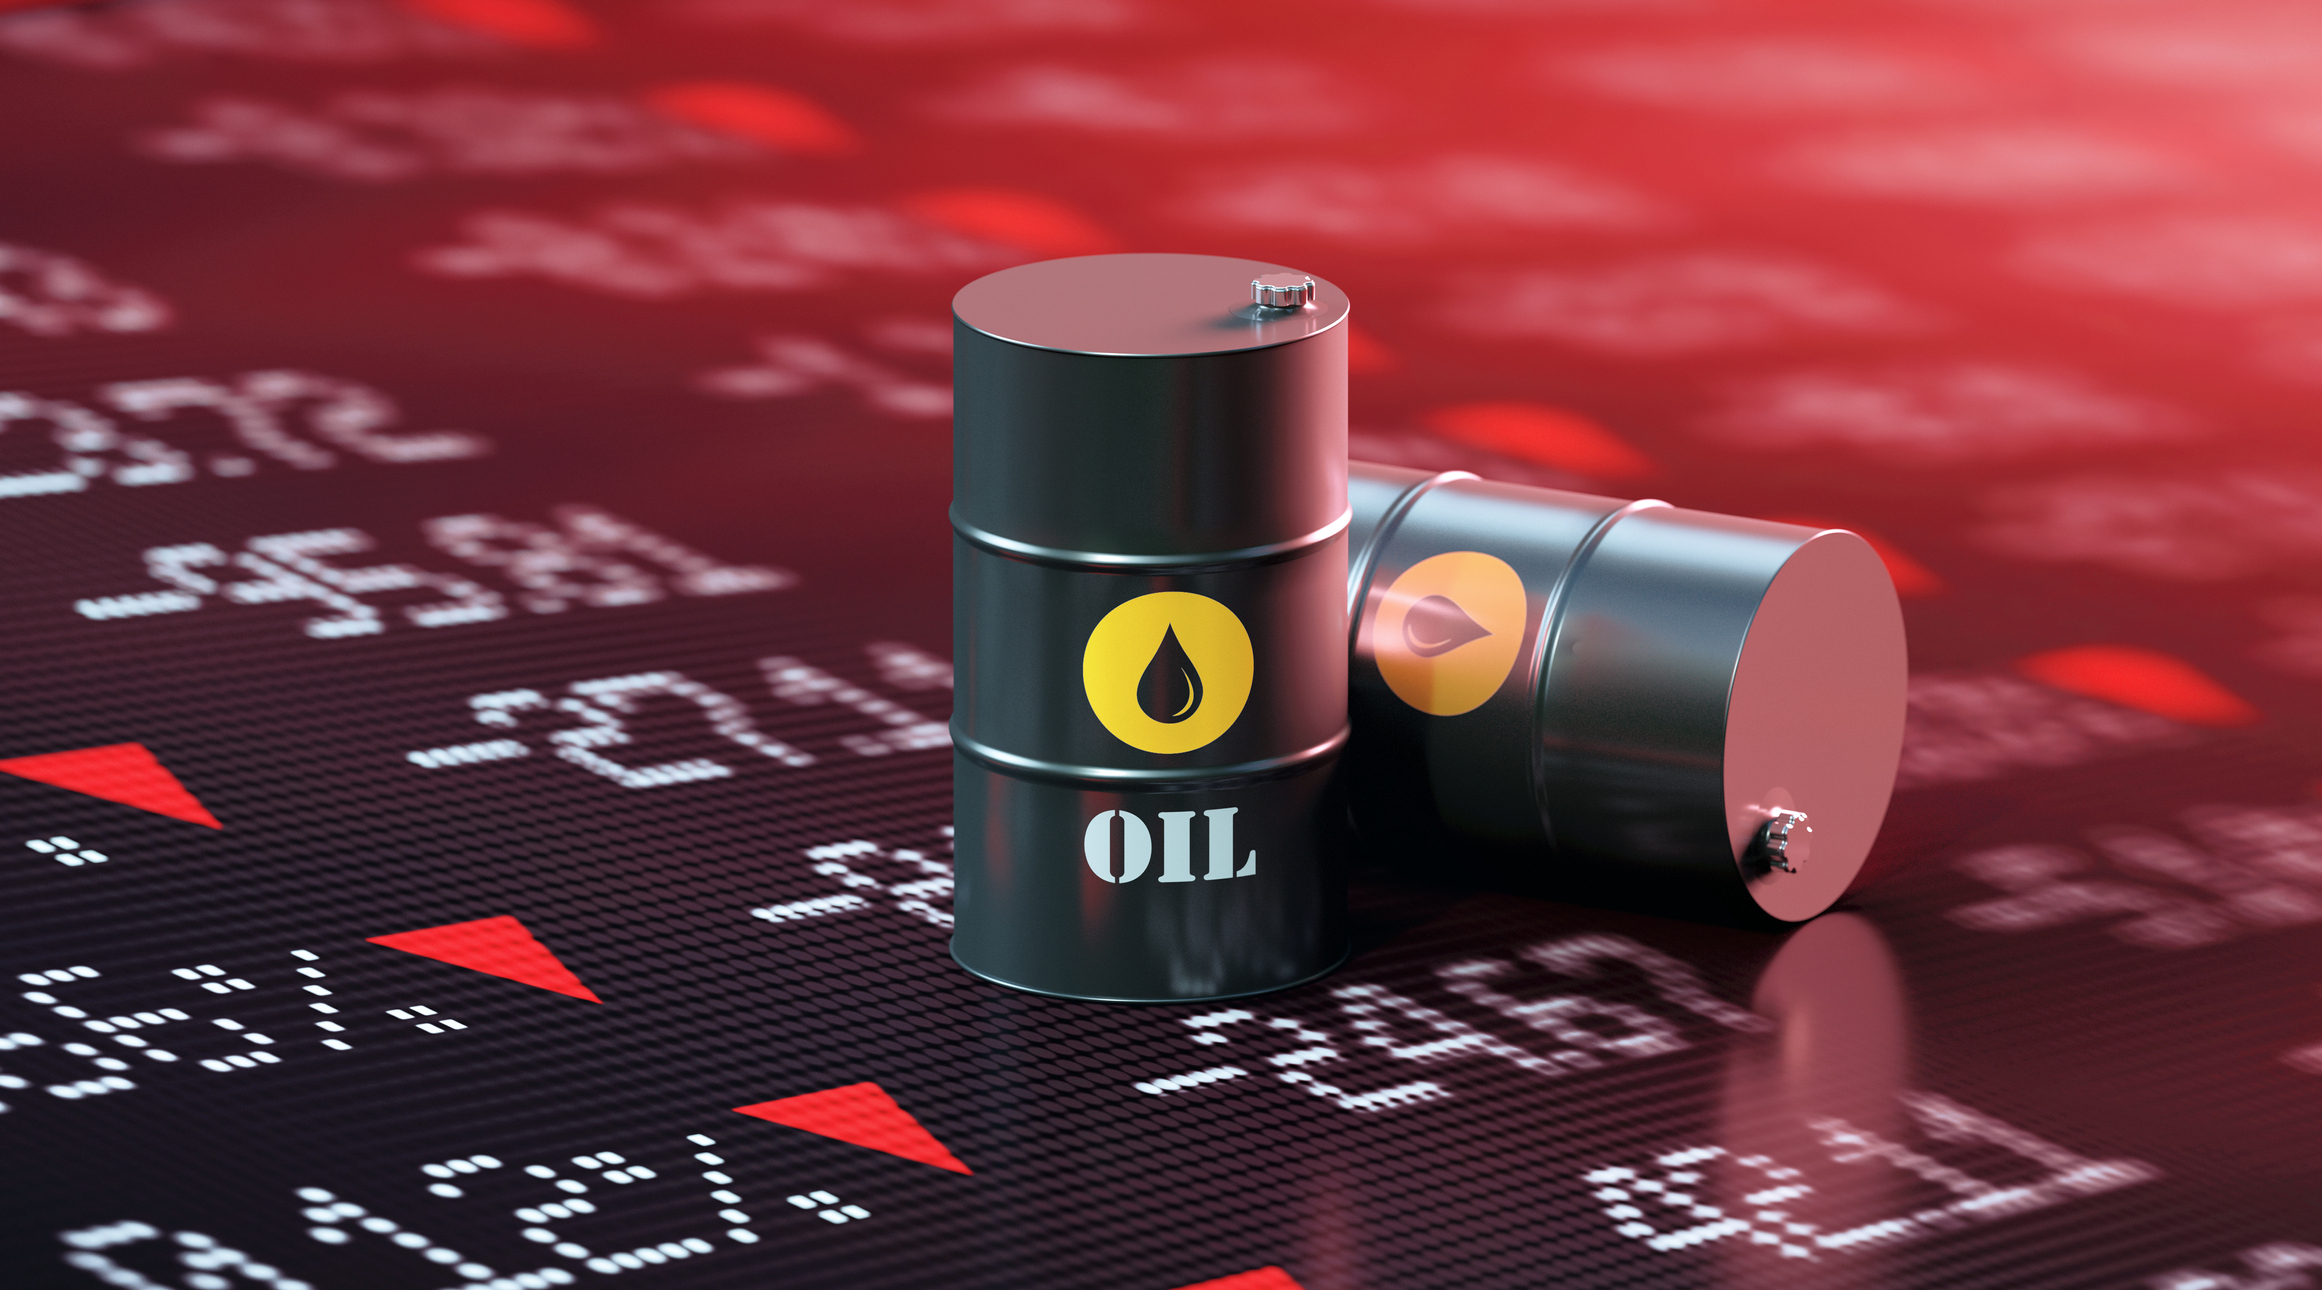 Petróleo: El repunte del precio del crudo impulsa el flujo de efectivo de Exxon y Chevron